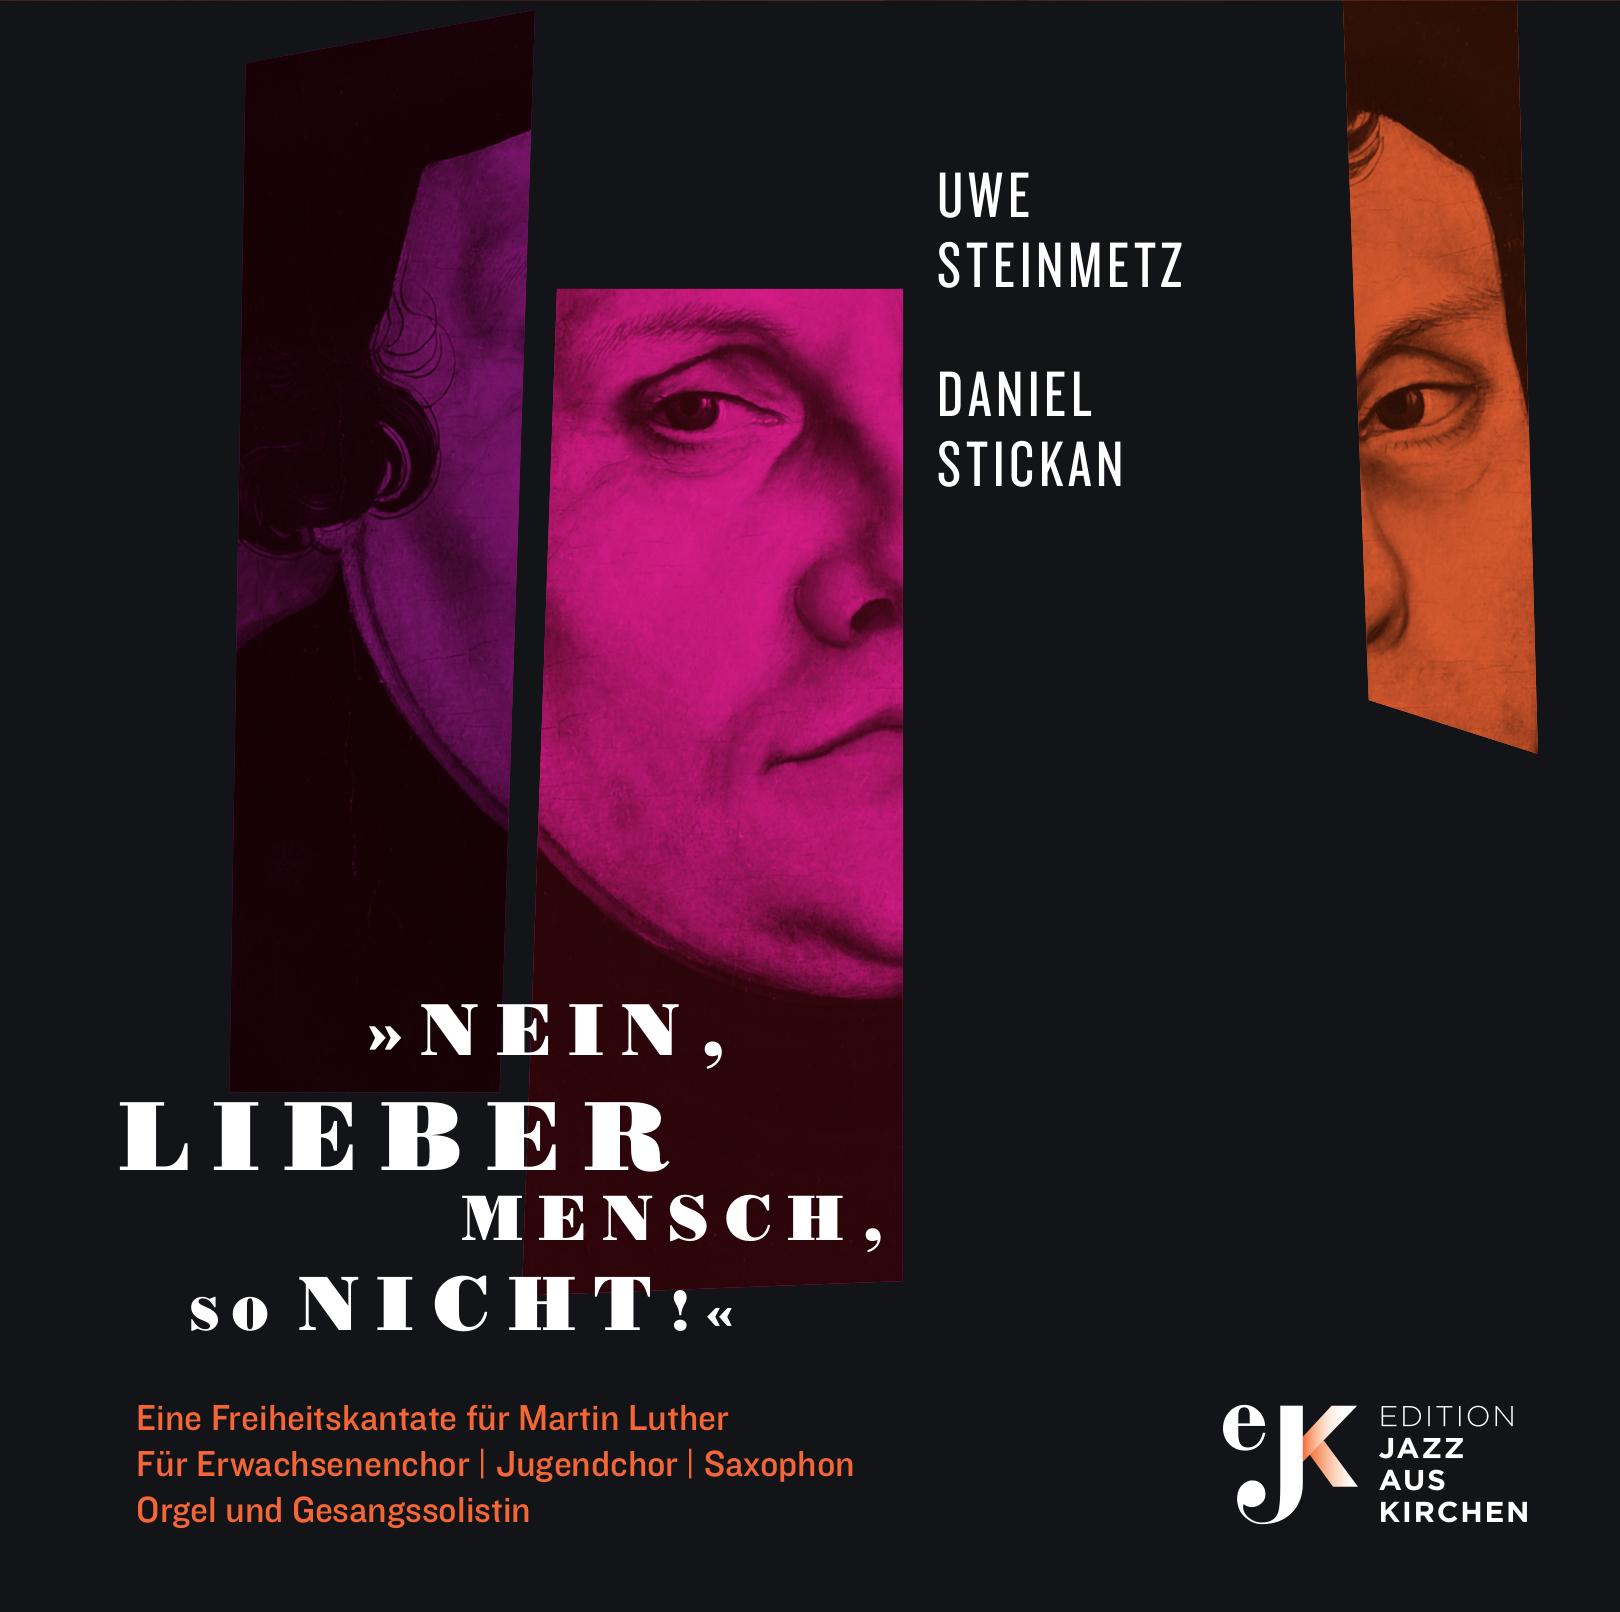 """""""Weltenwanderer"""" – Reinhard Mawick in der ZEITZEICHEN vom Juni 2015"""